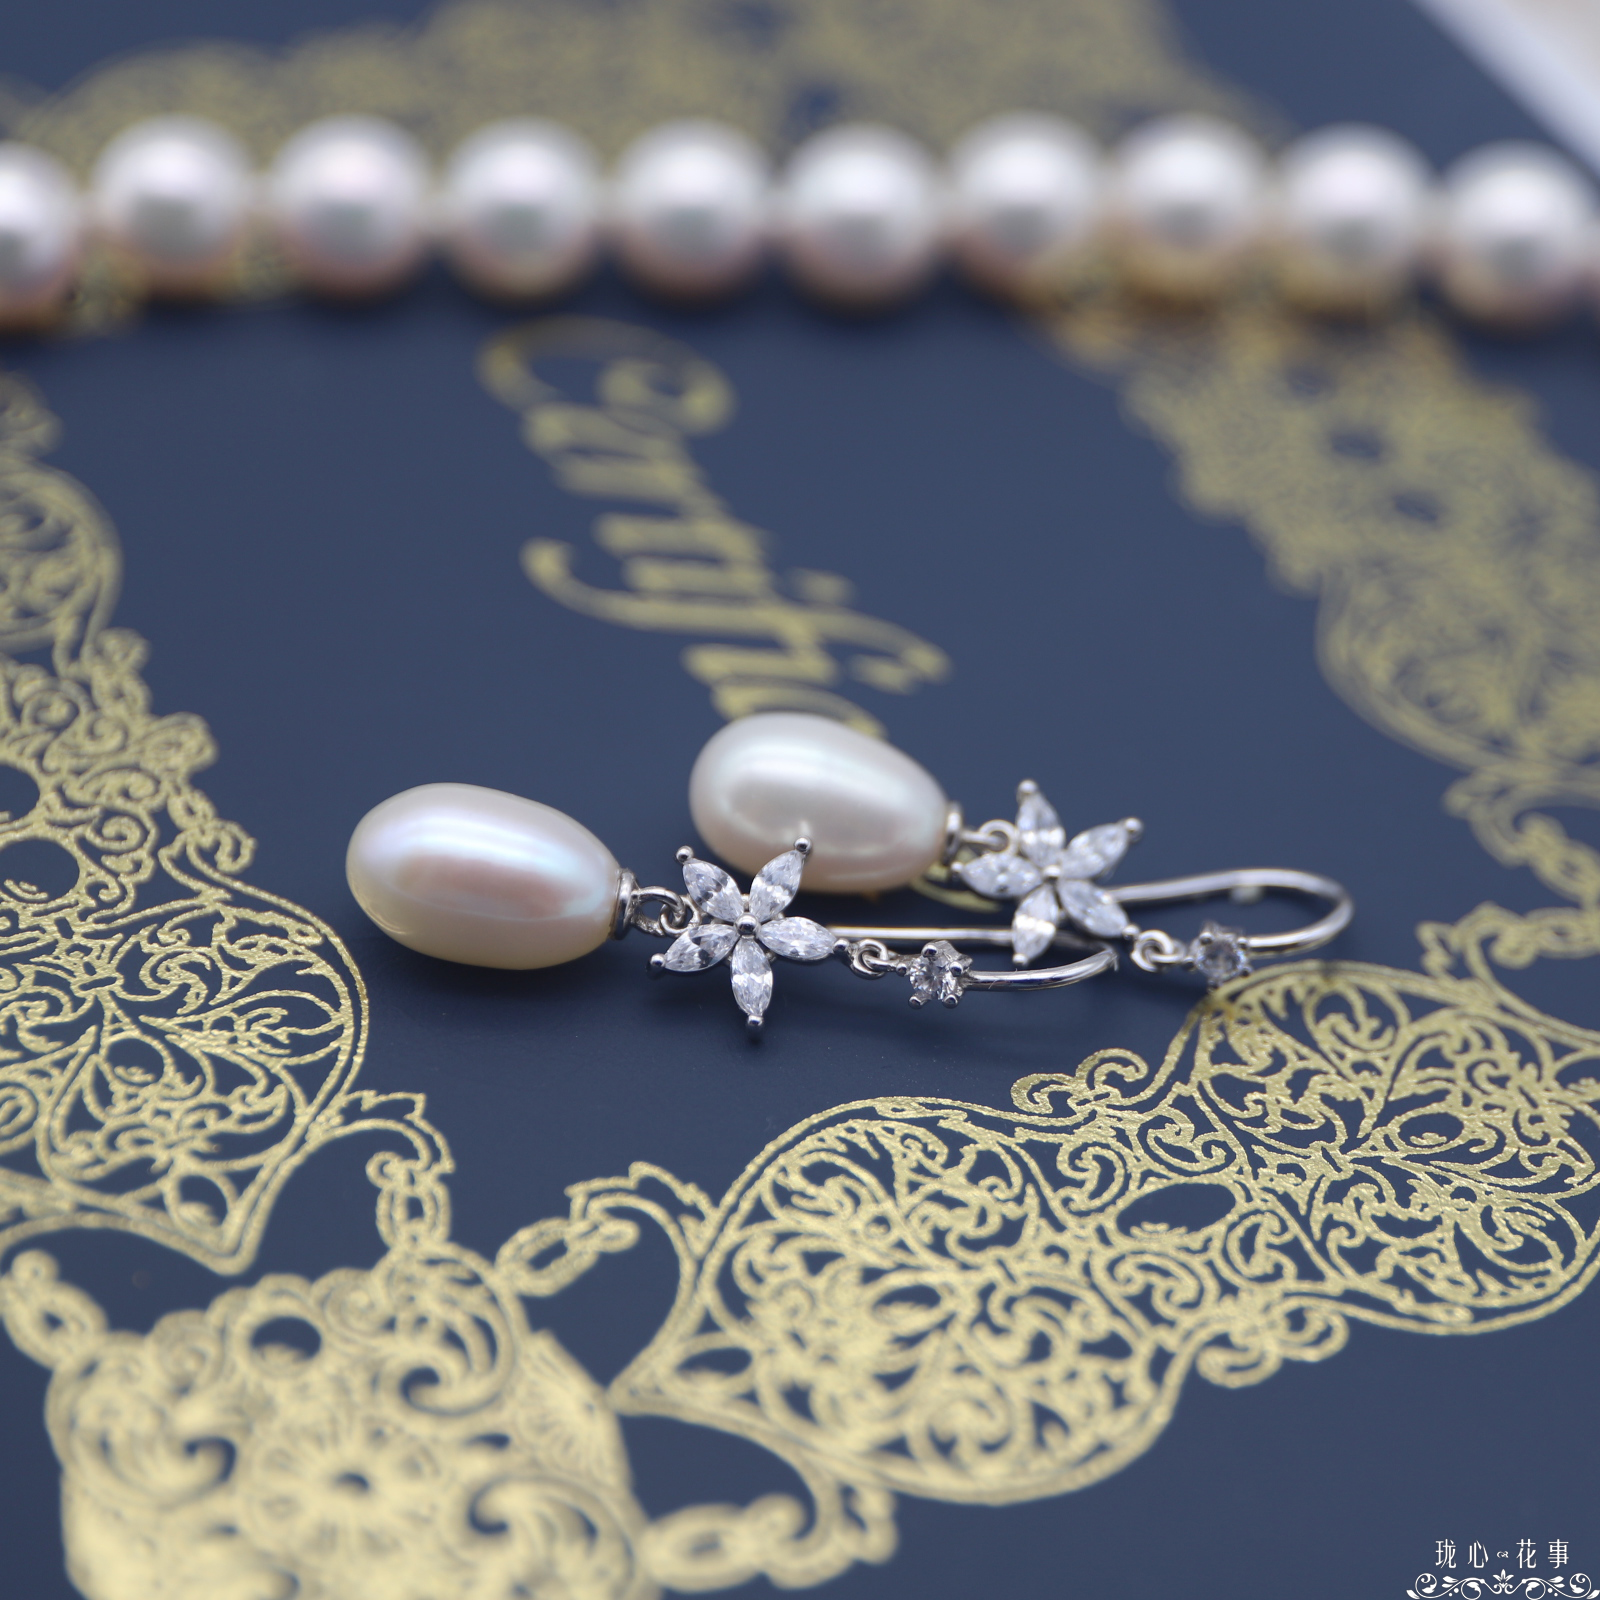 【珑心花事】925银锆石雪花天然水滴珍珠耳钉